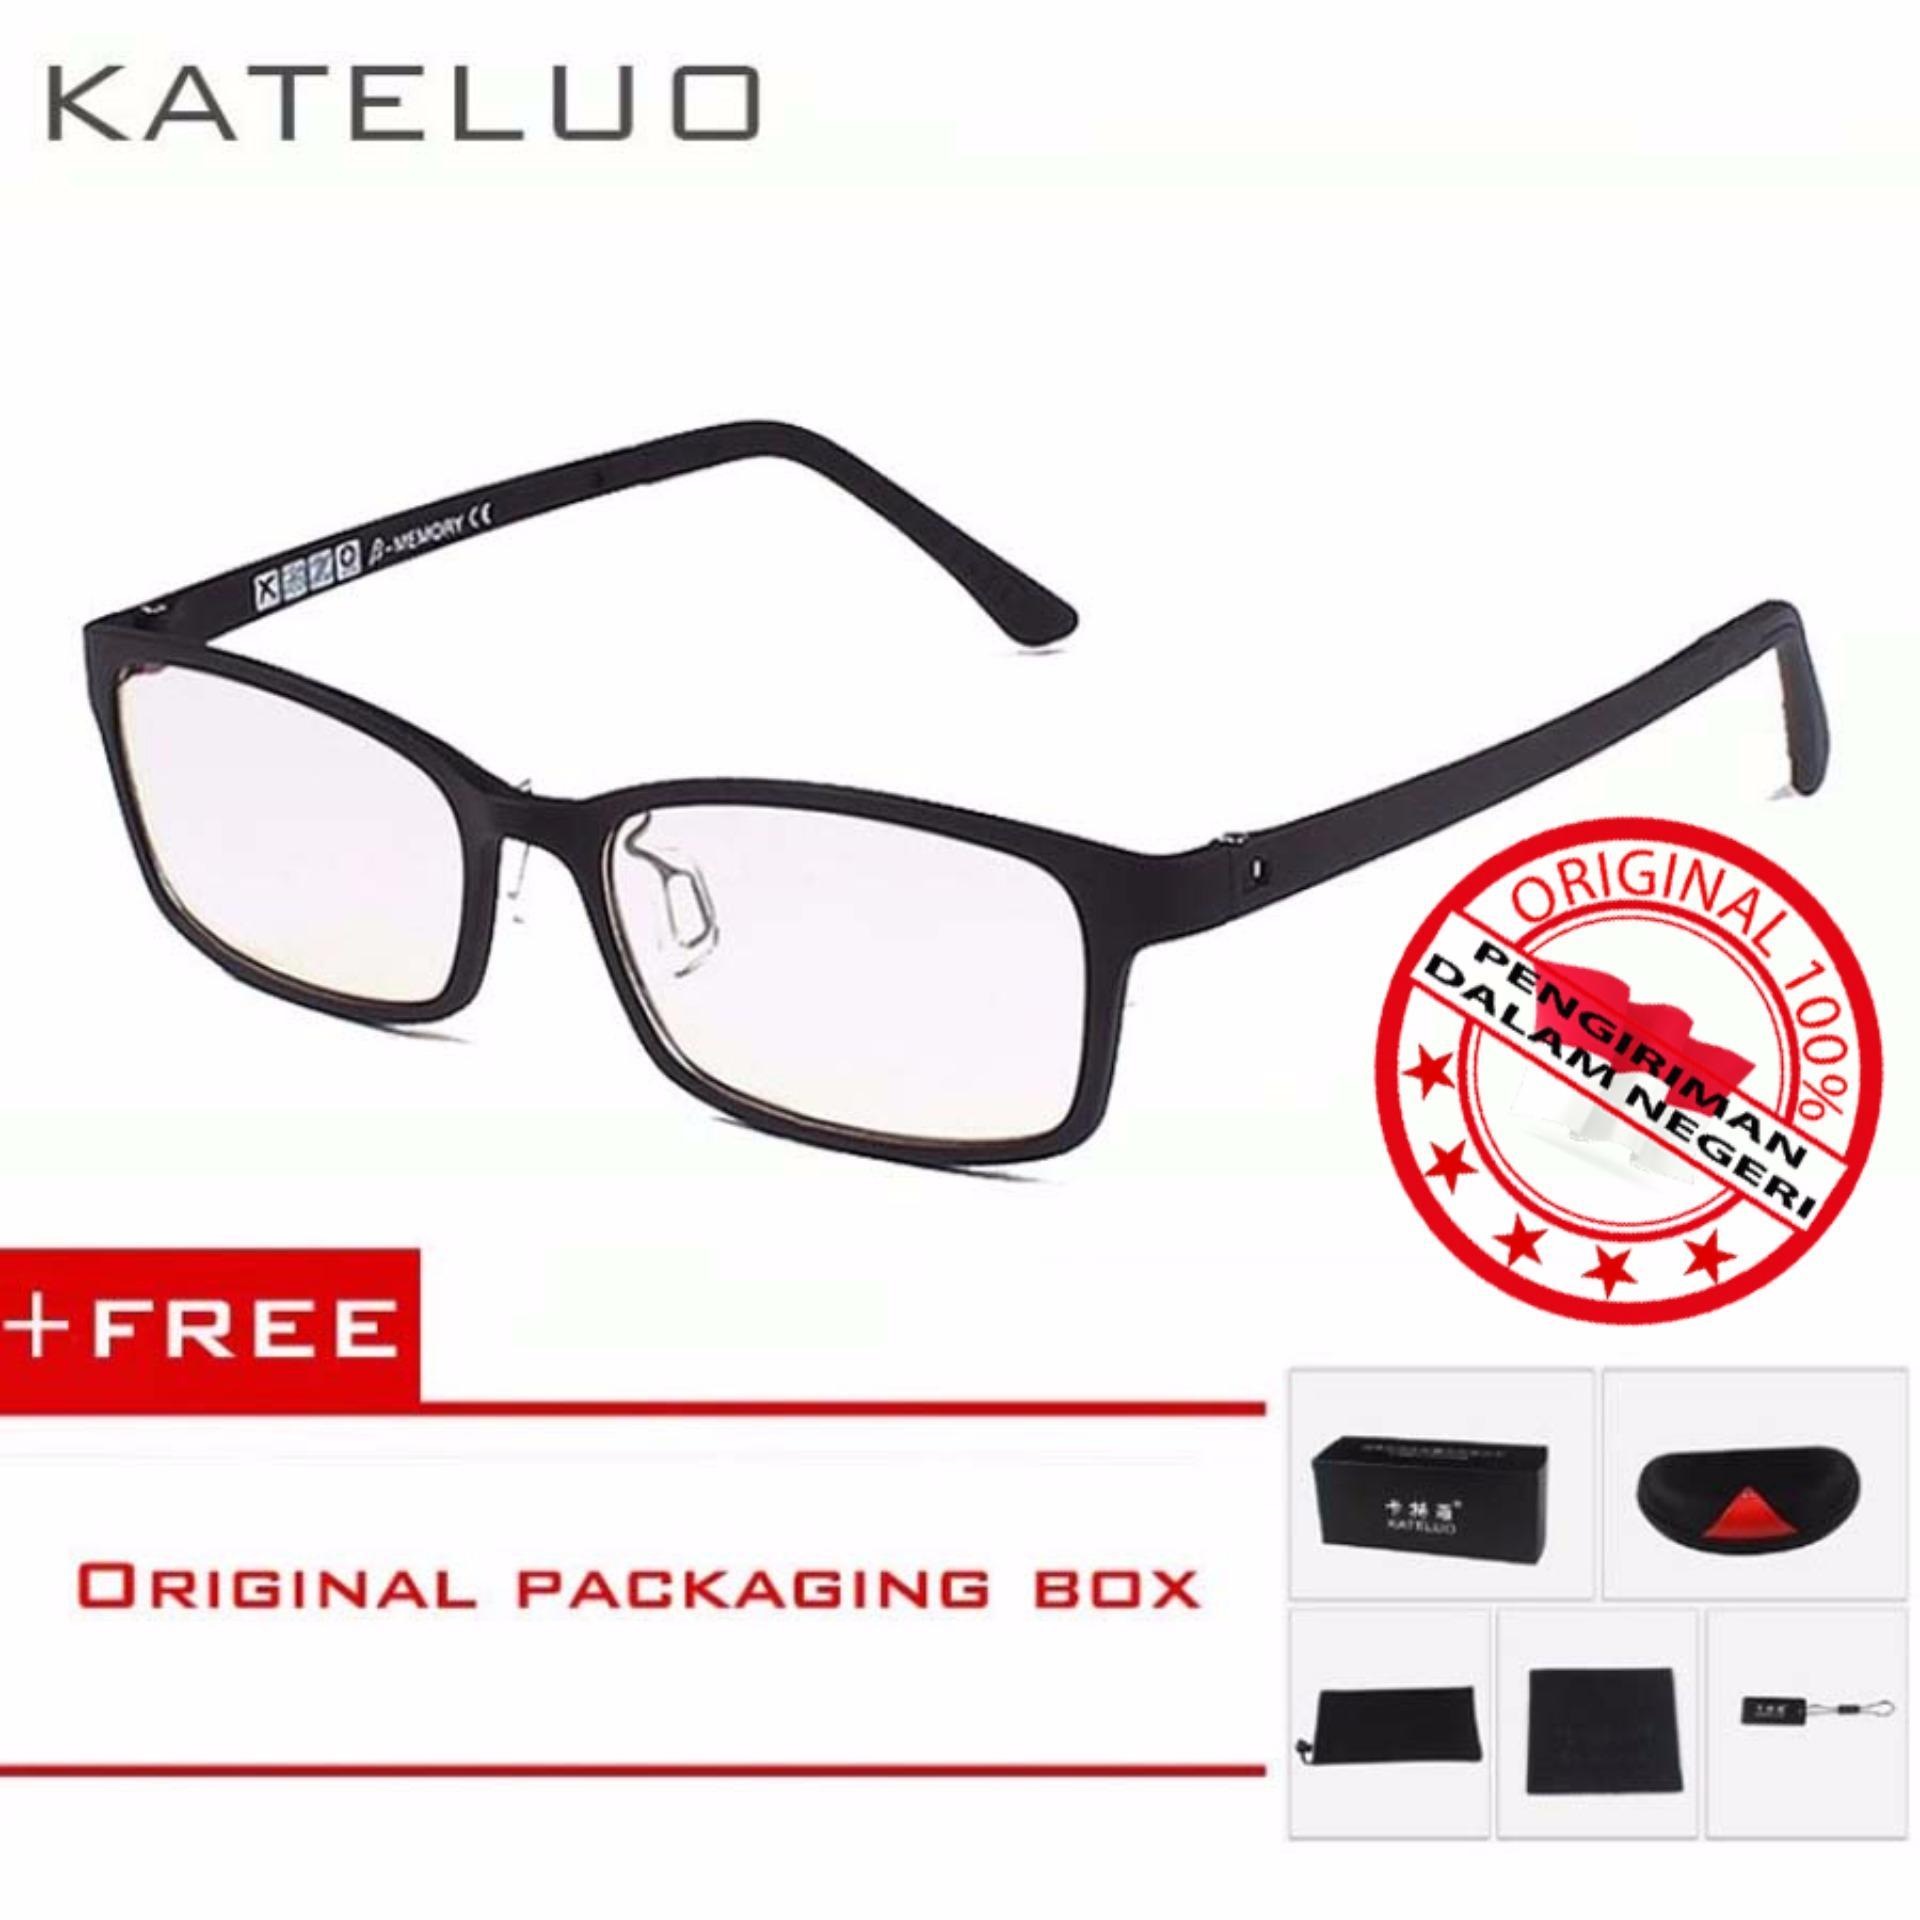 Kualitas Kateluo 1310 Kacamata Anti Radiasi Komputer Frame Anti Radiasi Gadget Original Kateluo